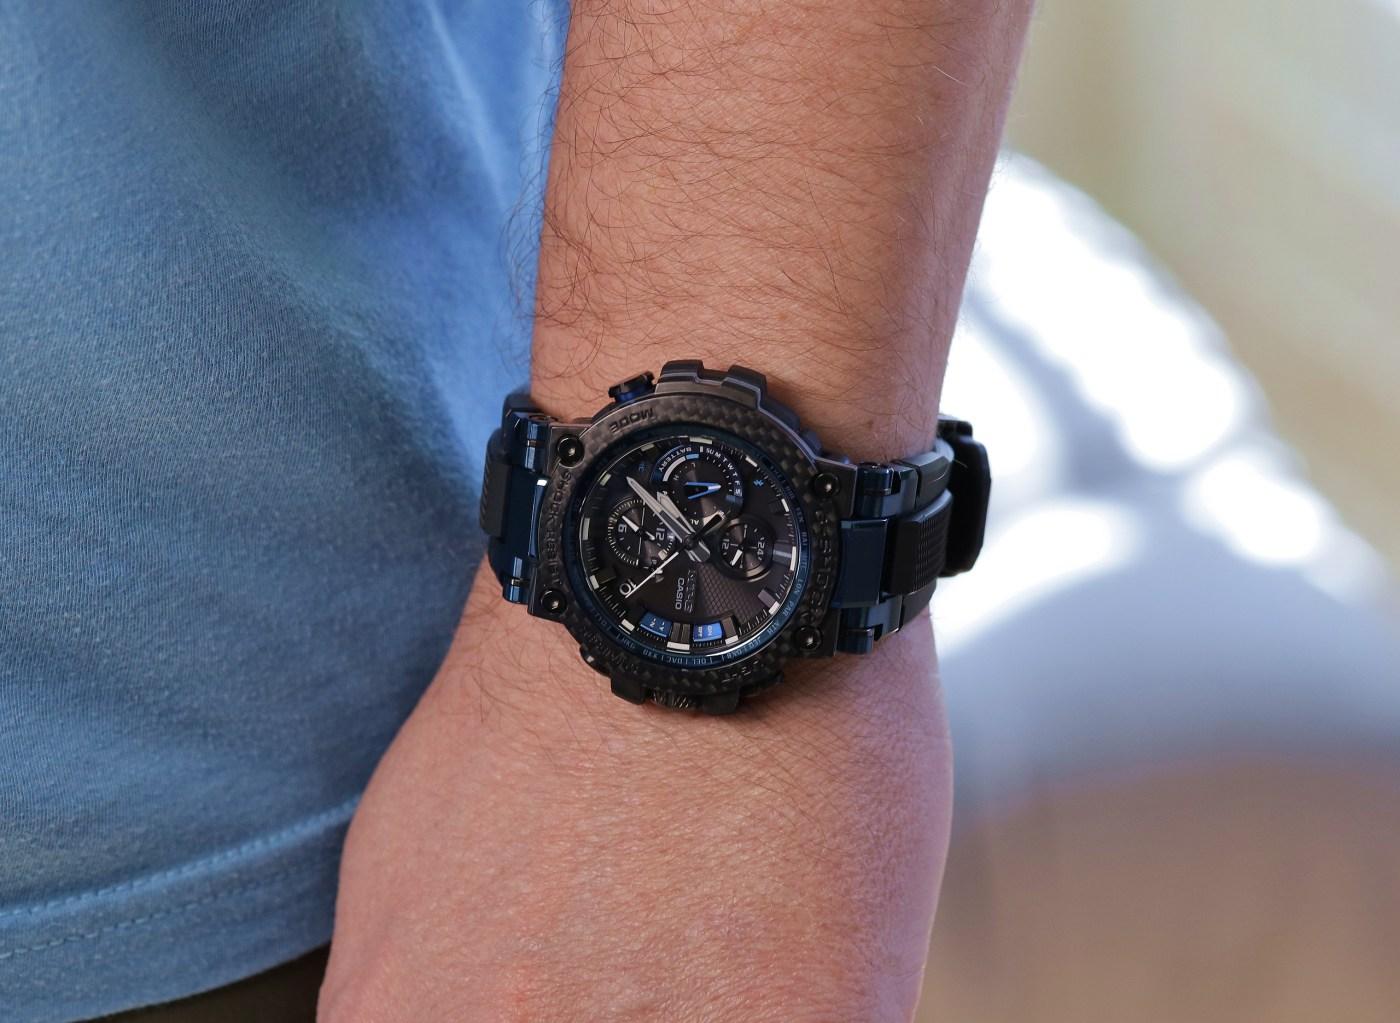 G-Shock MT-G Carbon Fiber MTGB1000XB-1A wristshot